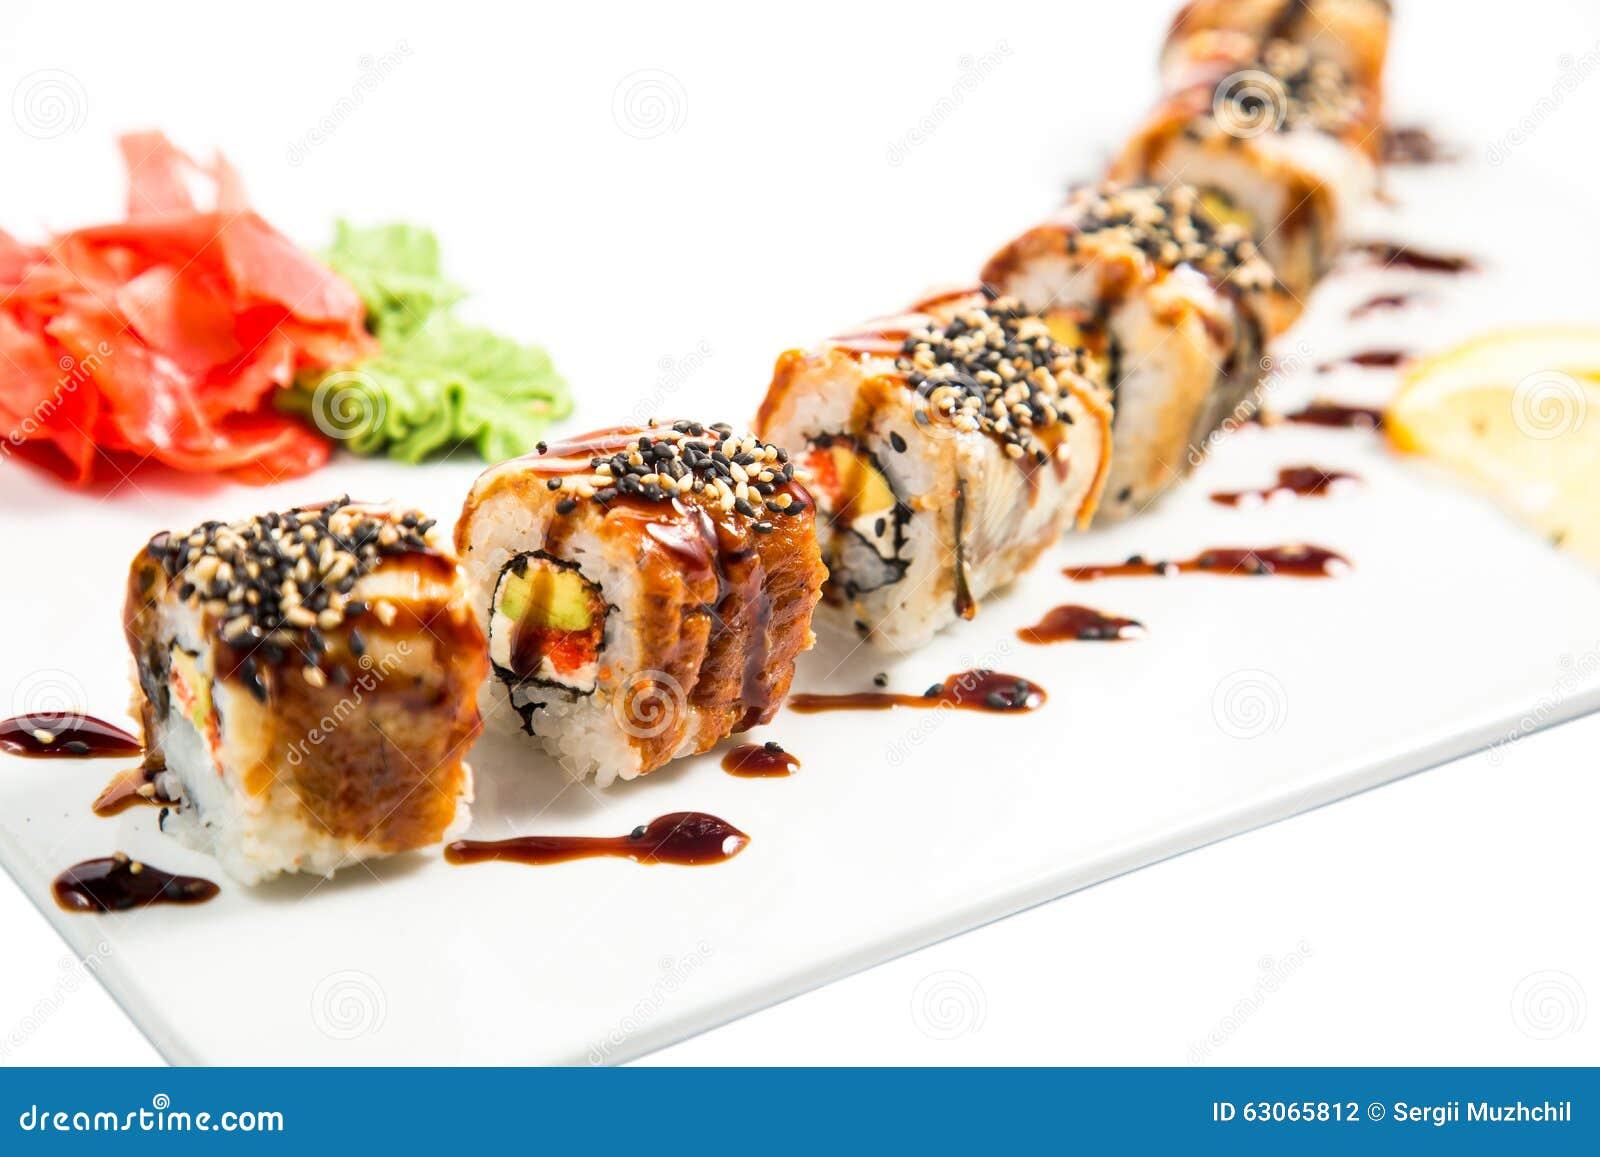 фото суши красивые